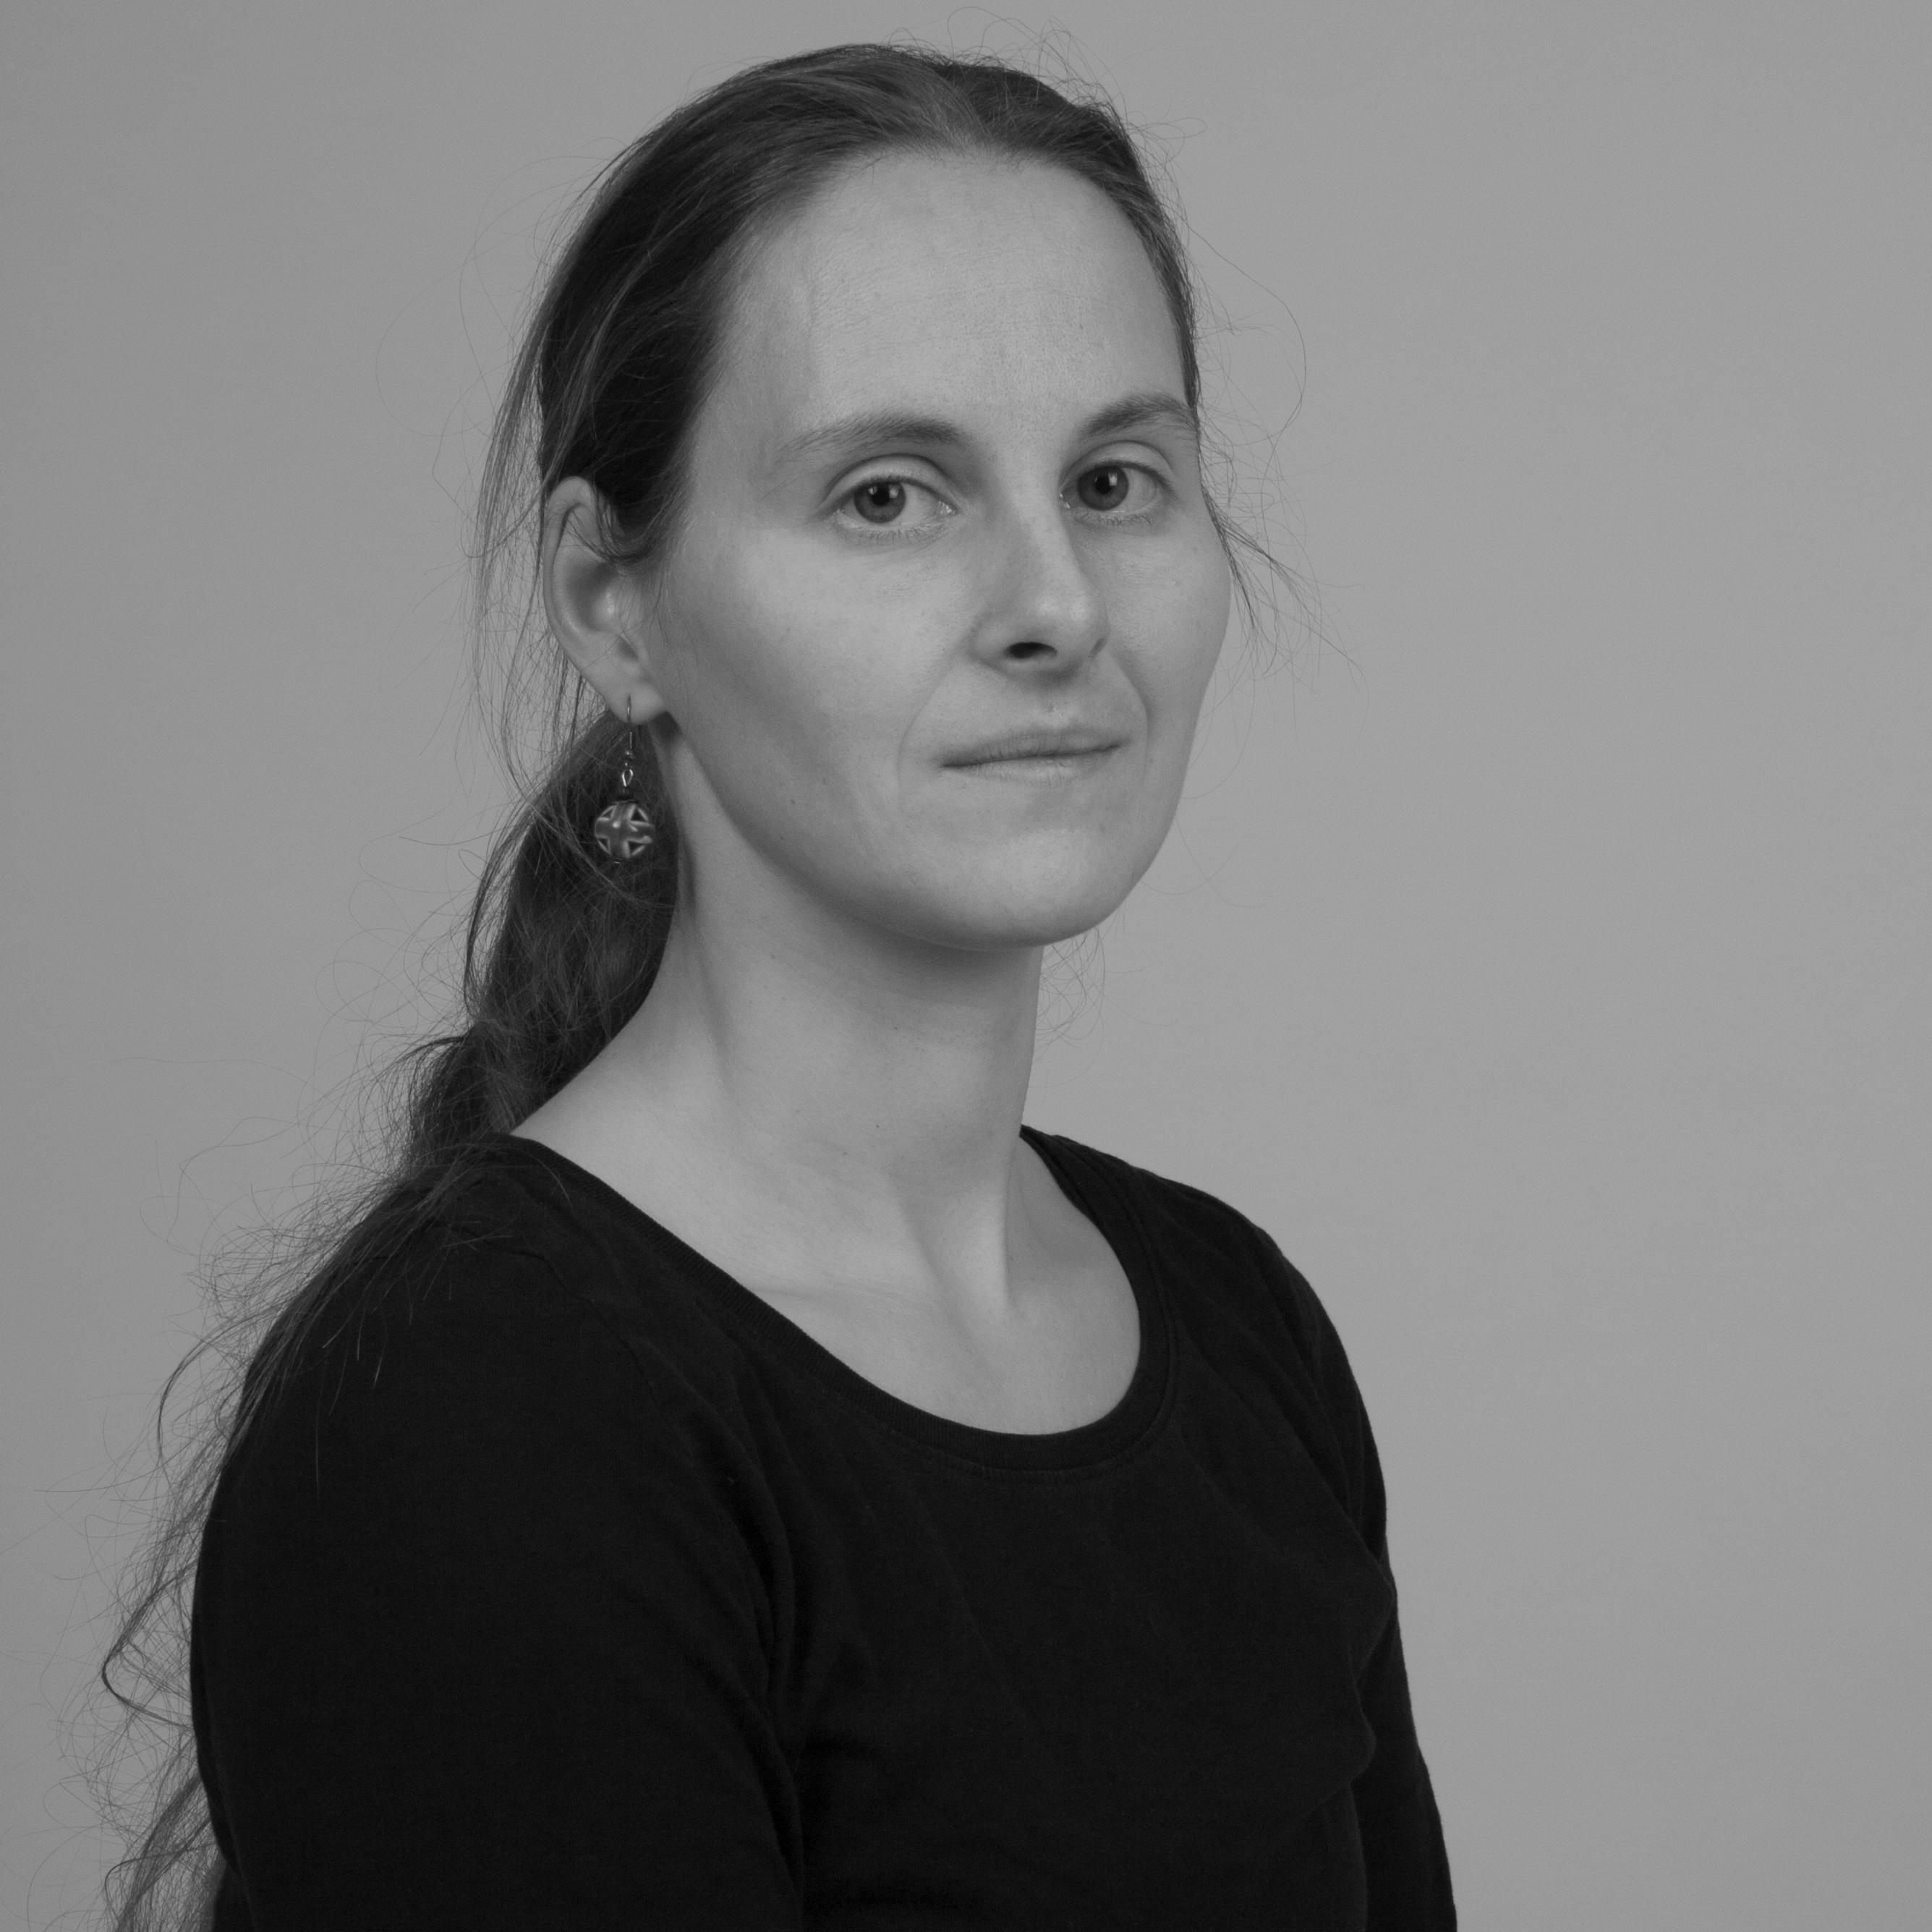 Sabrina Heffler